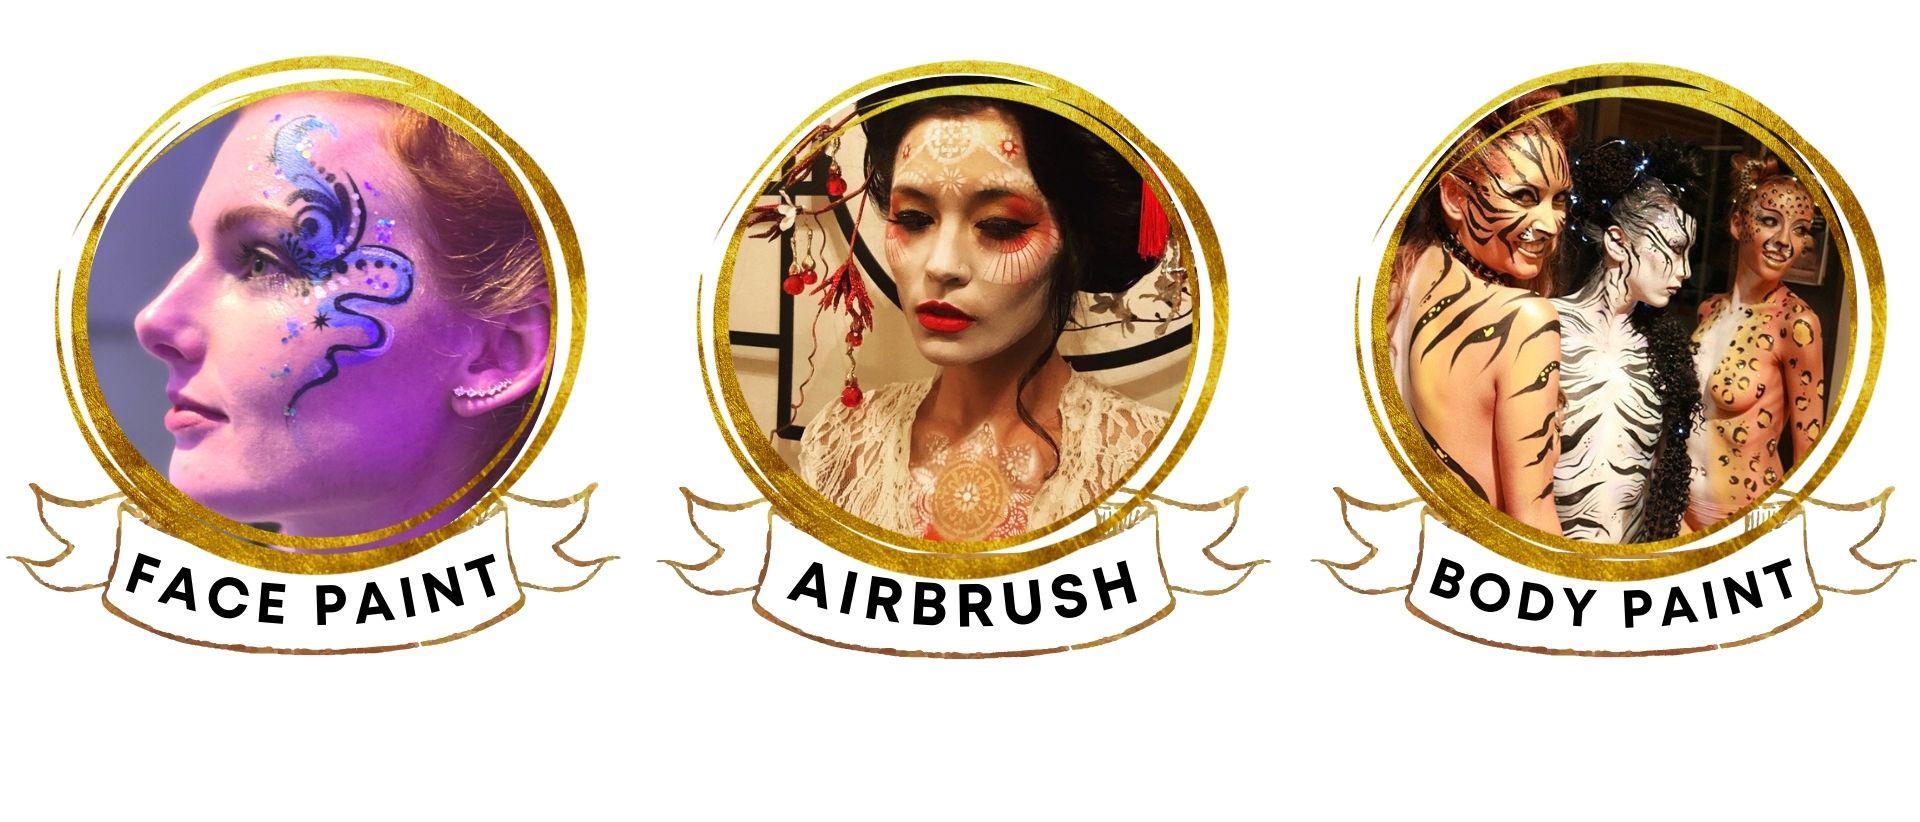 Face Paint, Airbrush, & Body Paint by Audette Sophia